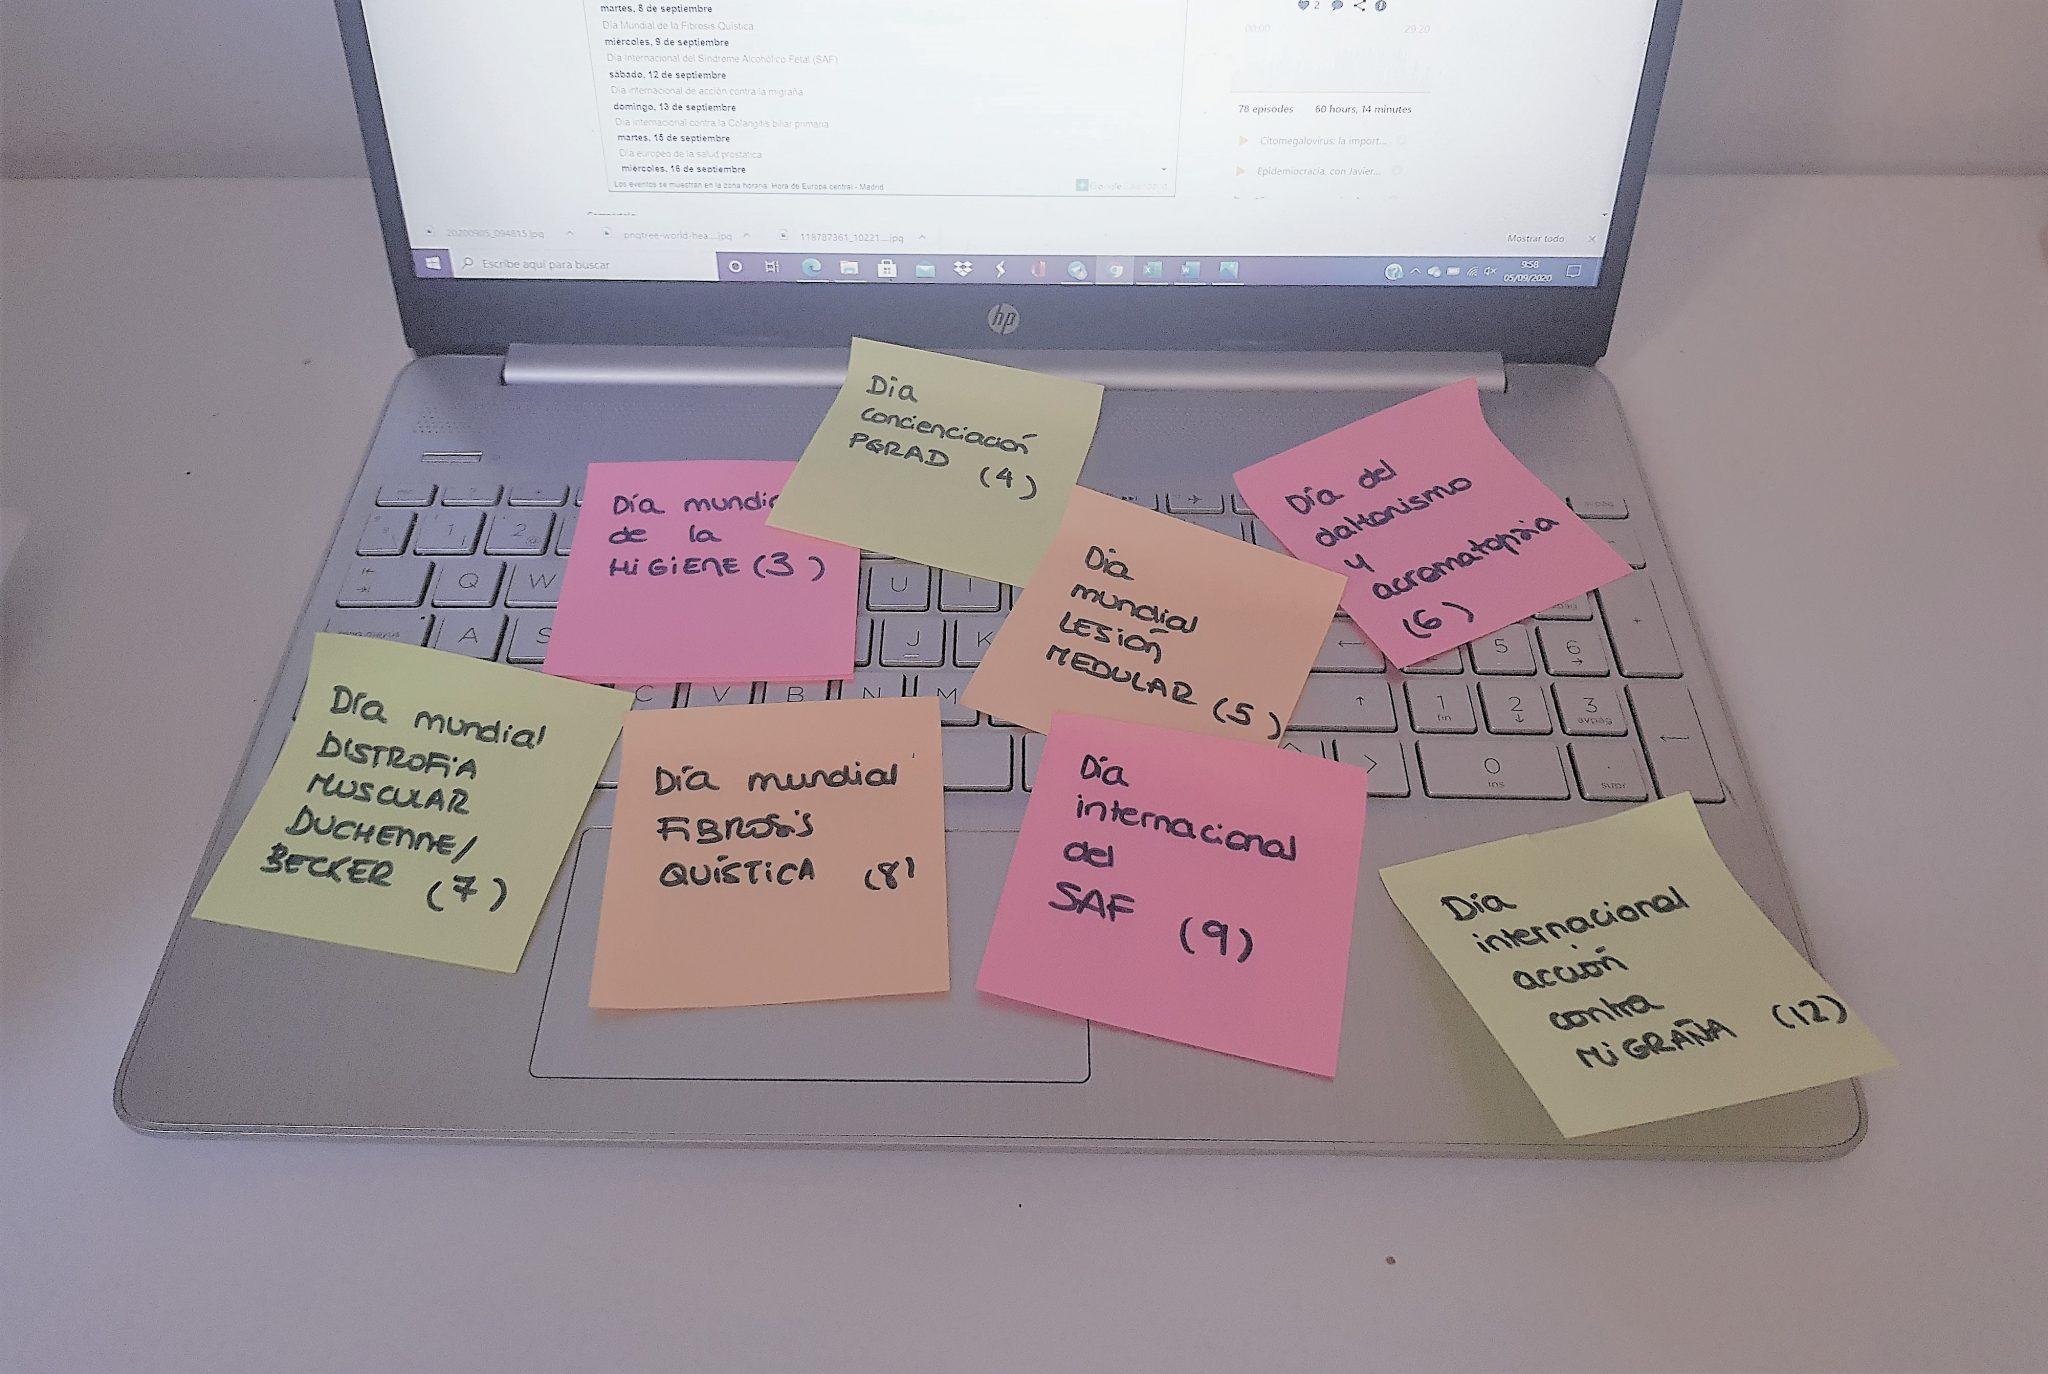 Portátil con post it de colores en los que están escritos diferentes días de salud